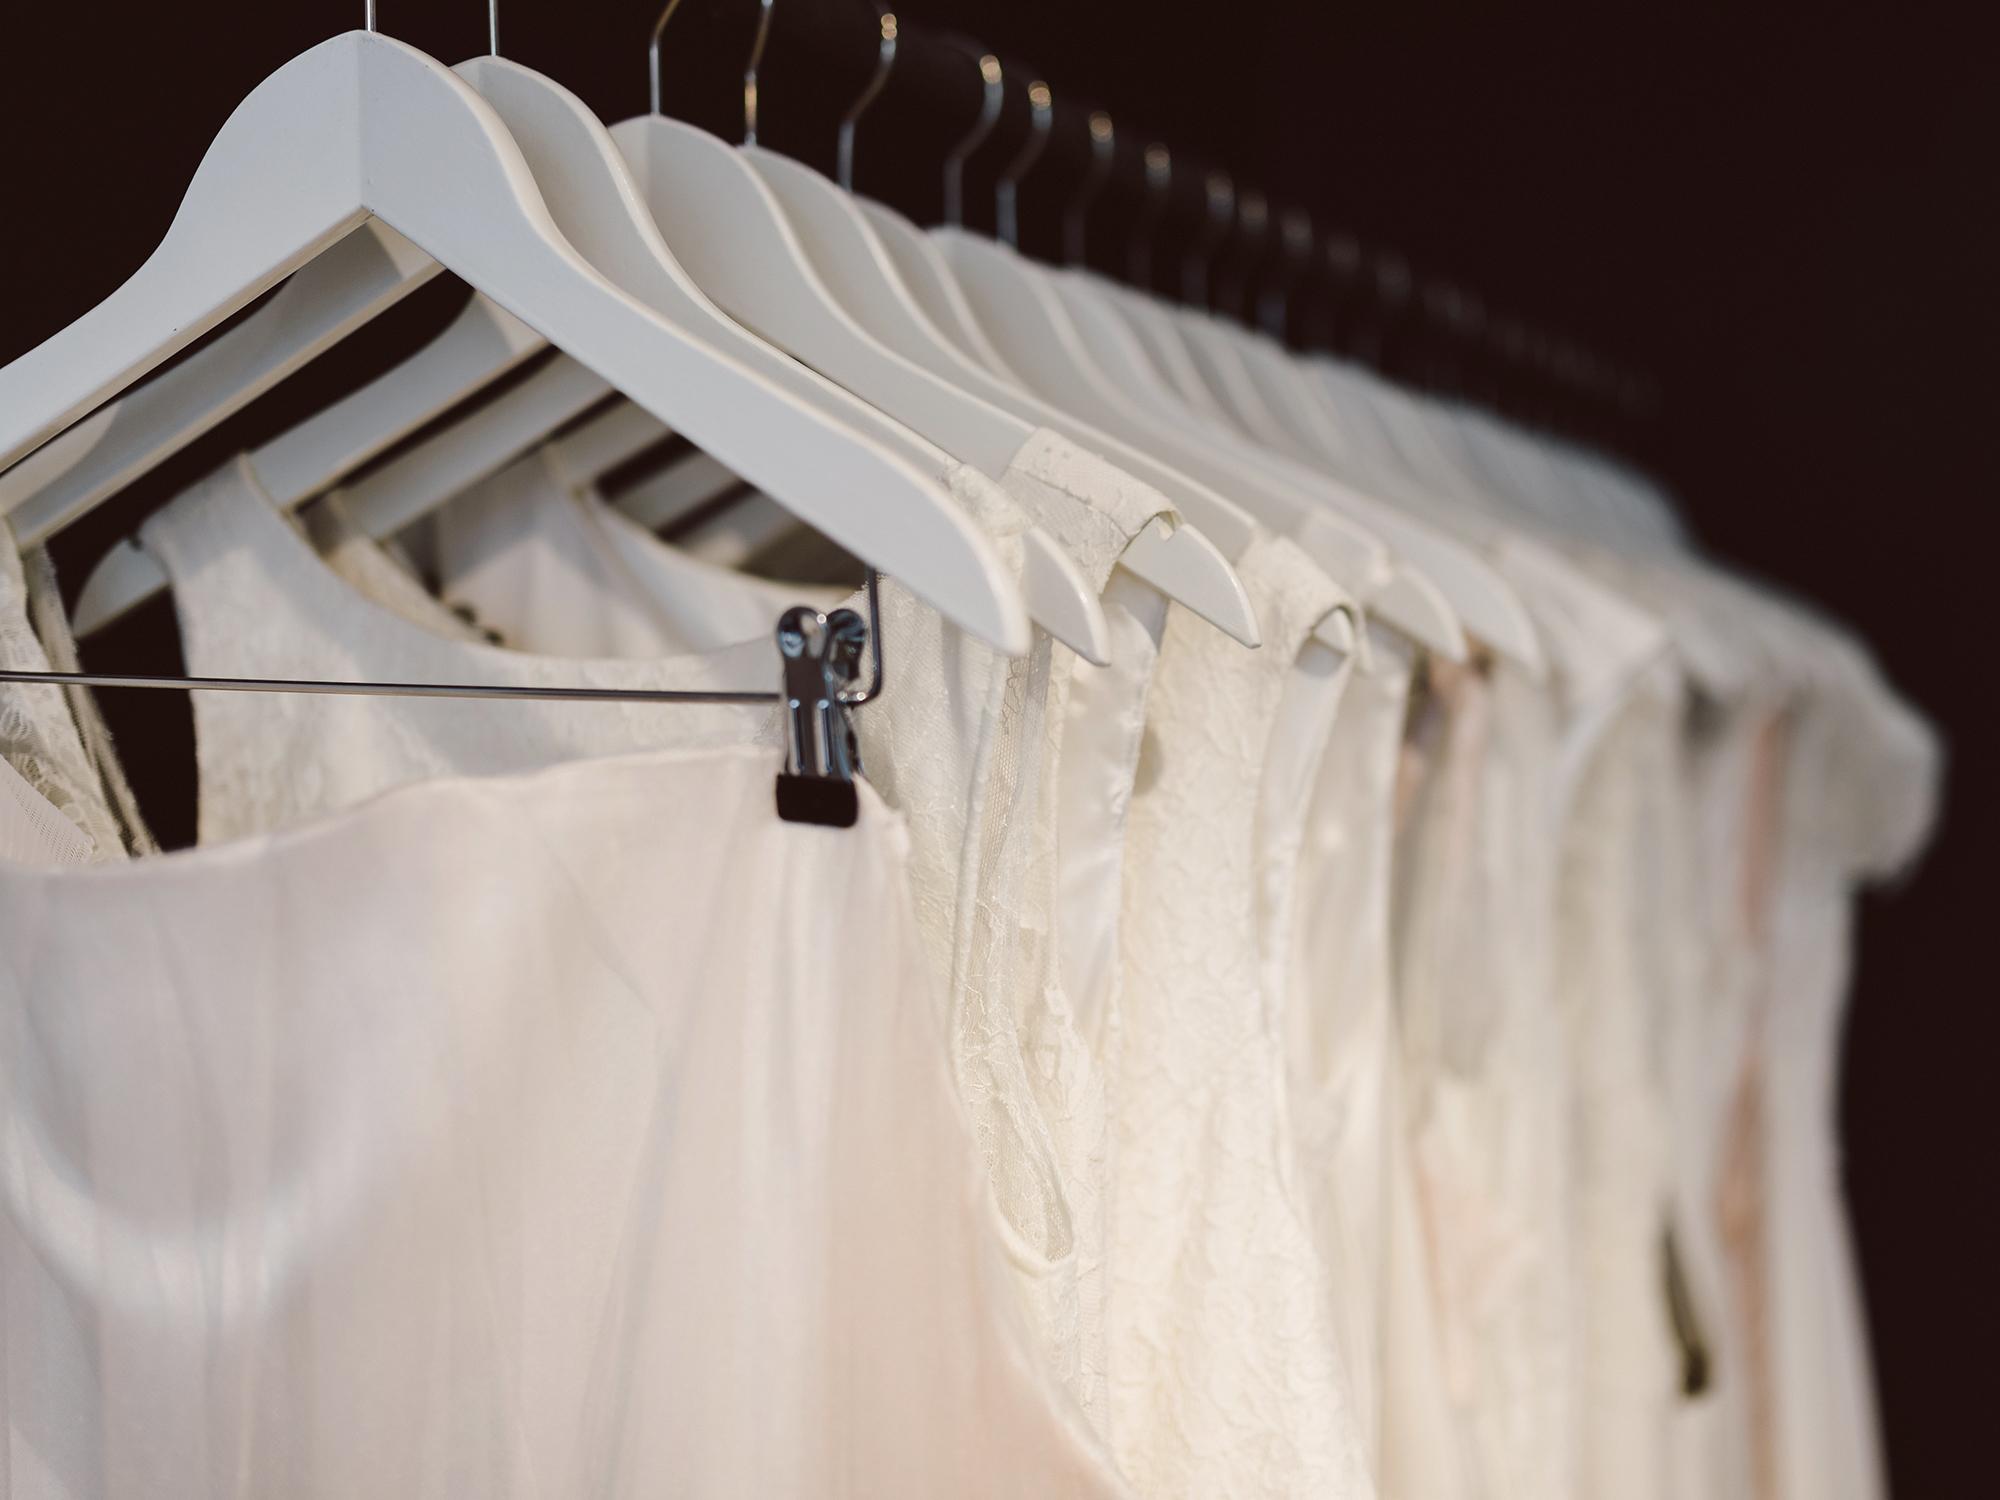 Hochzeitskleider auf Kleiderbügeln